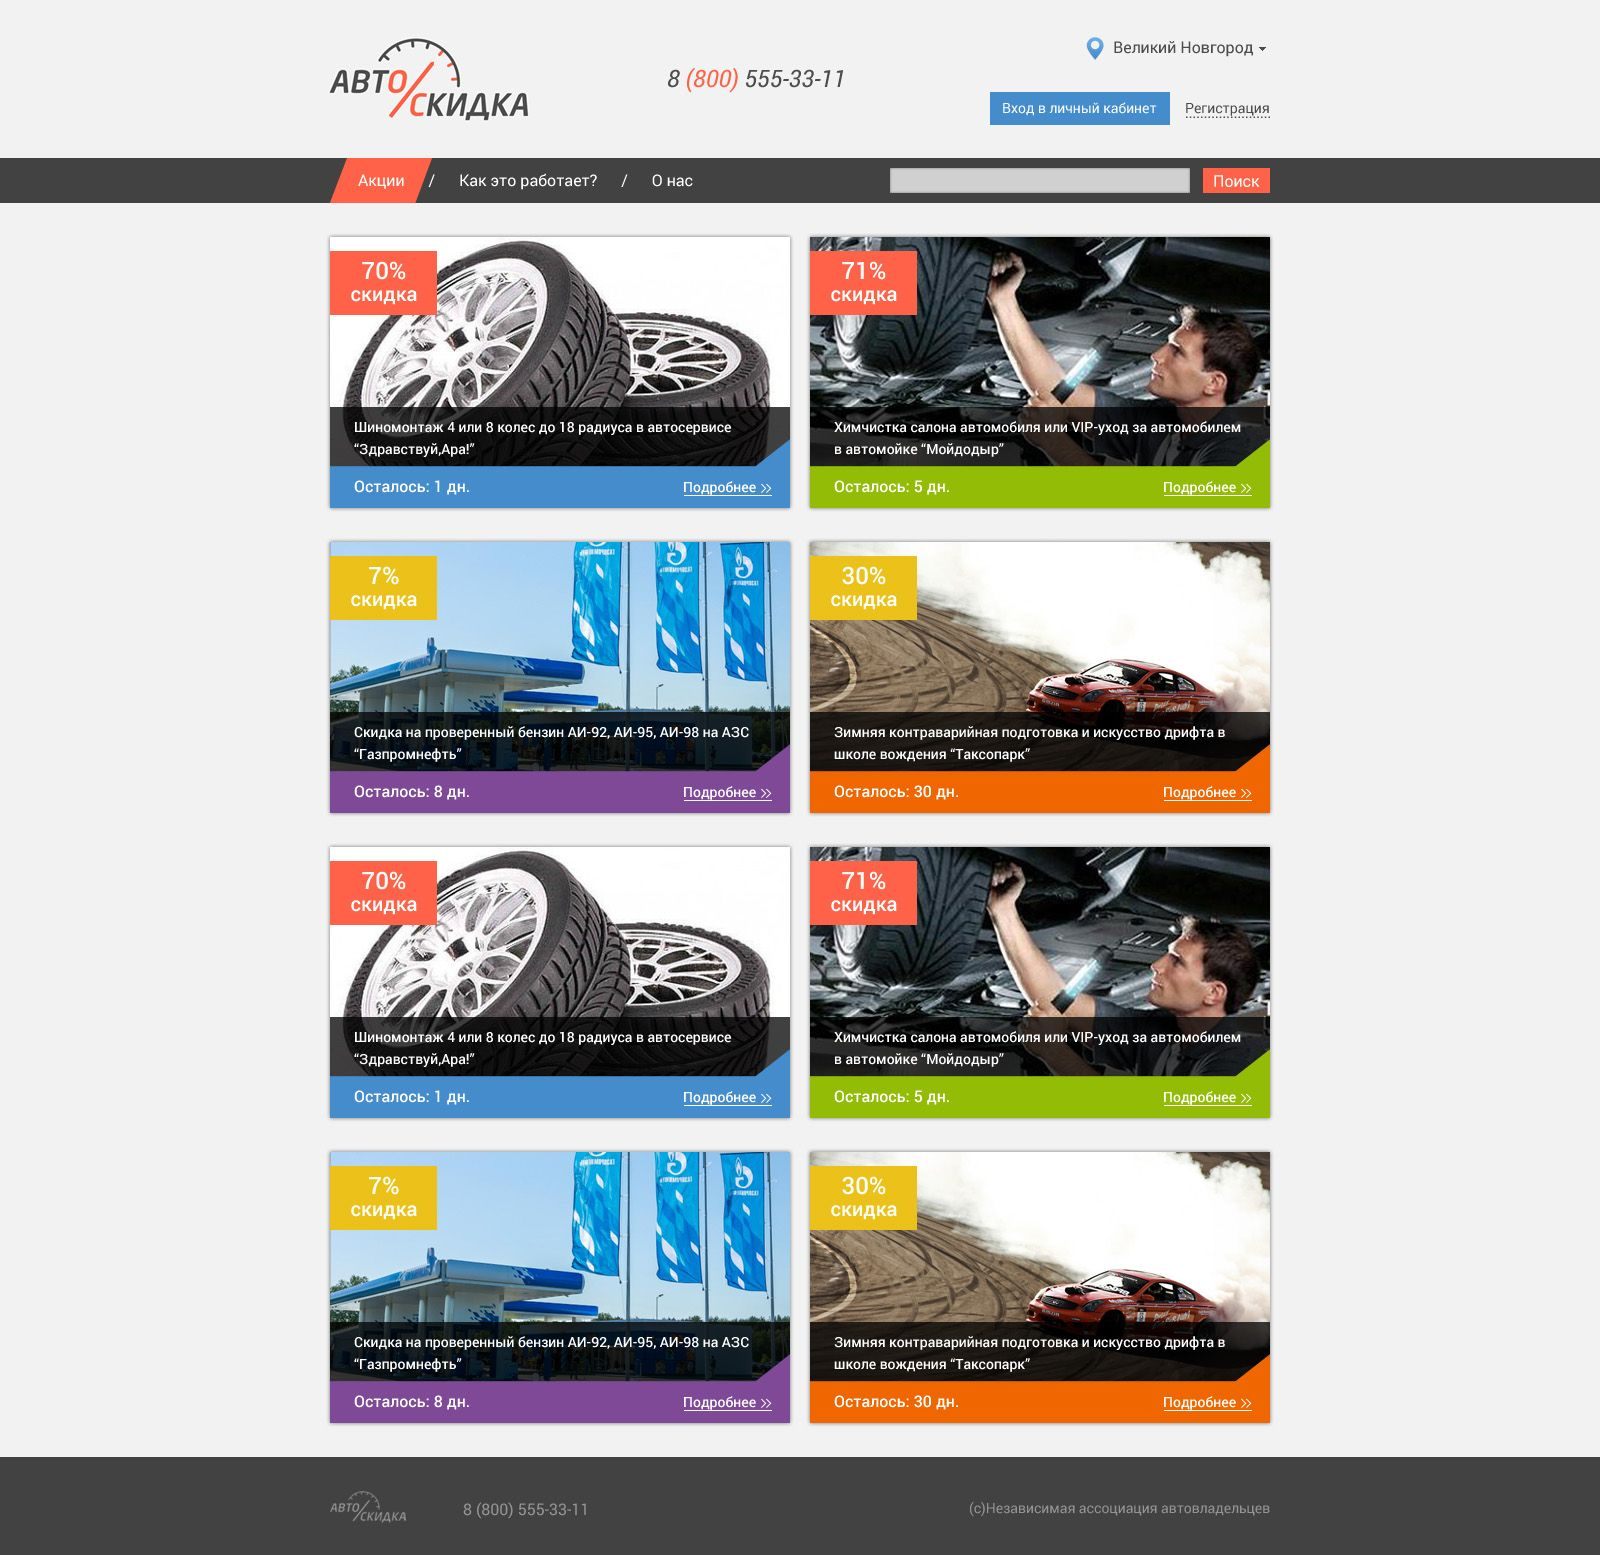 Дизайн сайта со скидками для автовладельцев - дизайнер stefany-kiriak